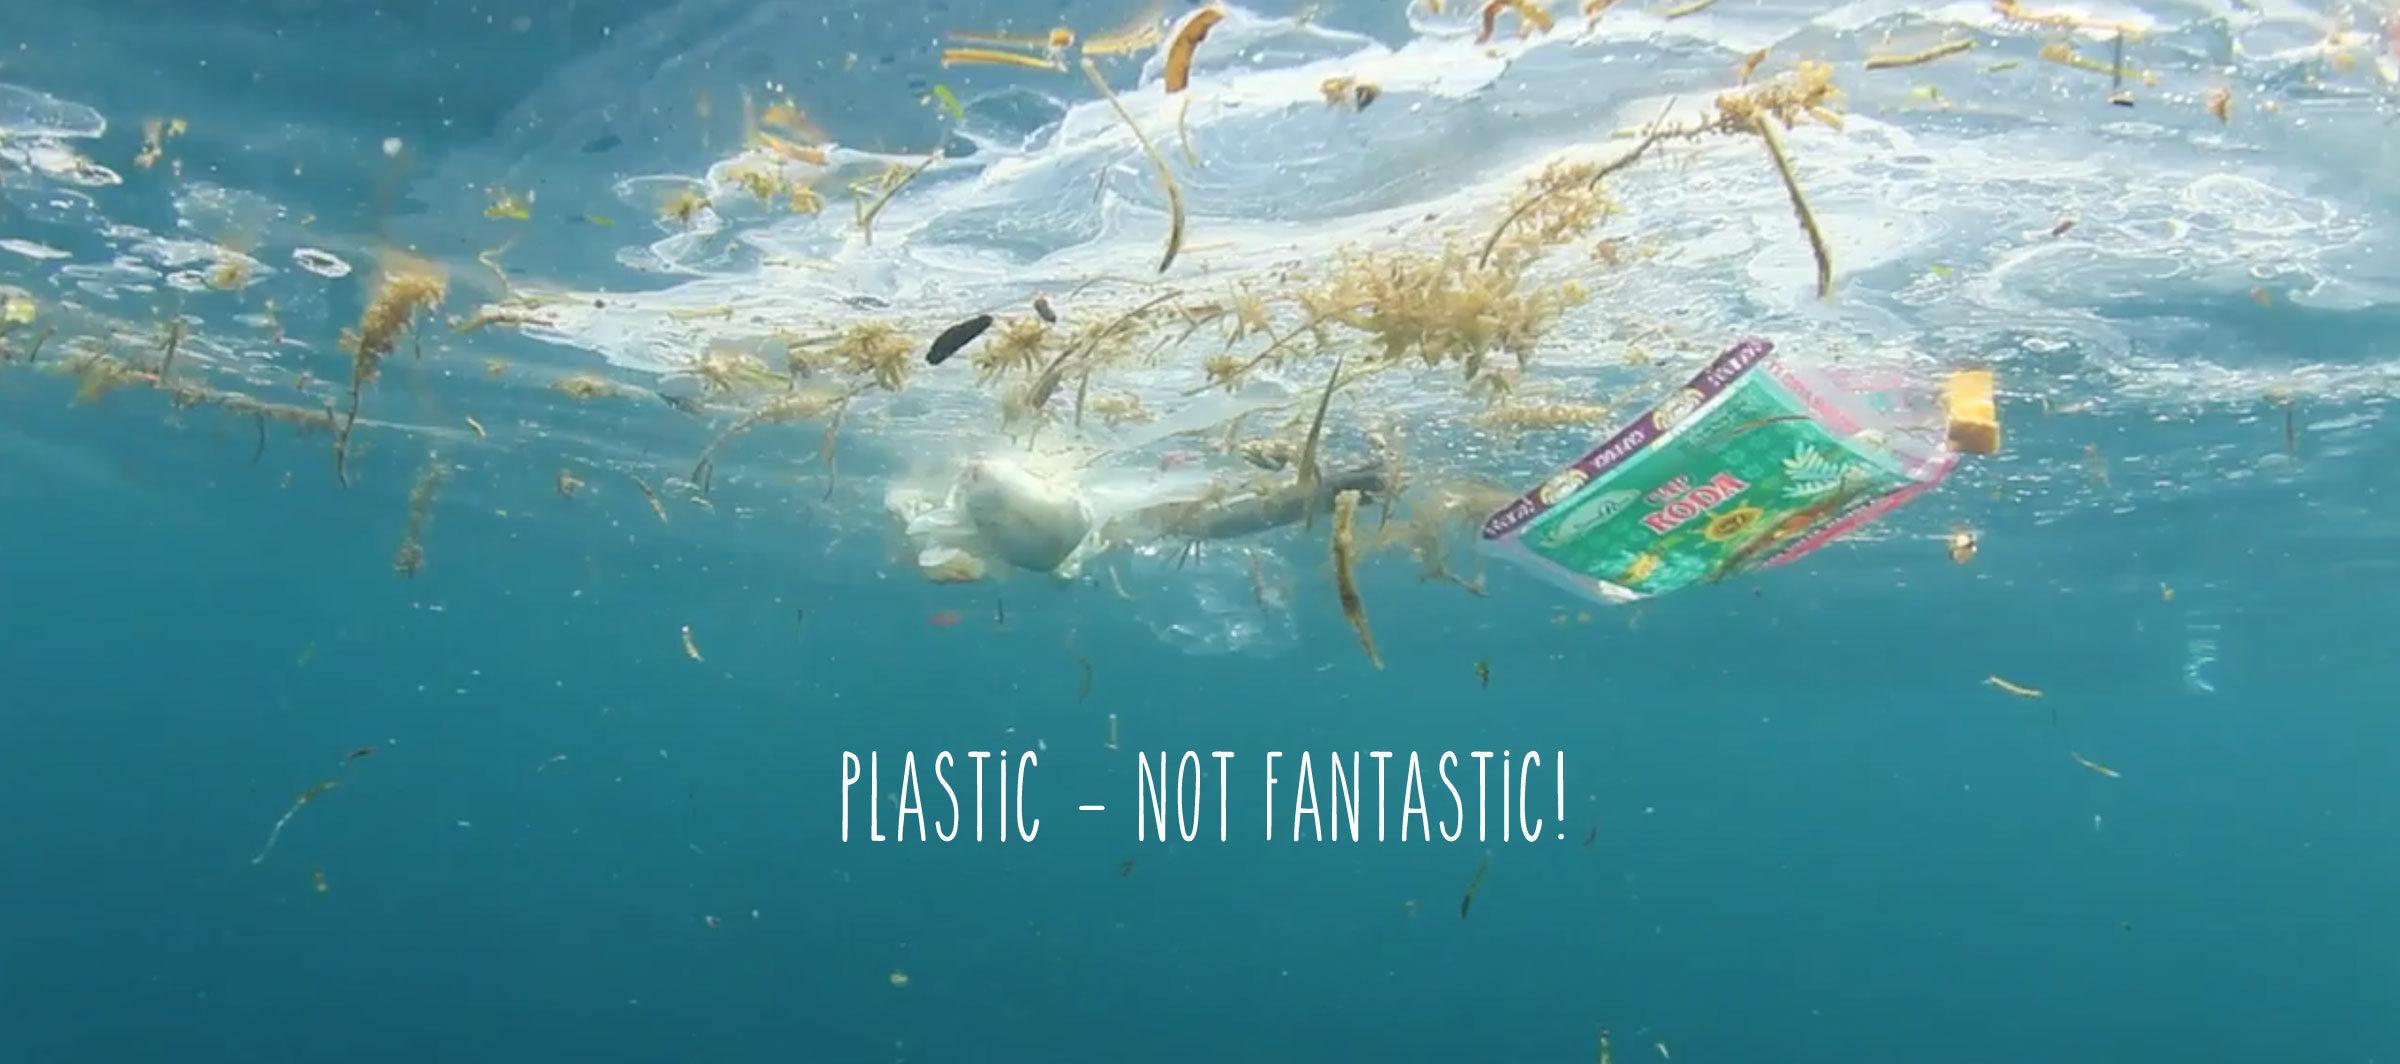 Spendenaktion gegen Plastikmüll in den Meeren!